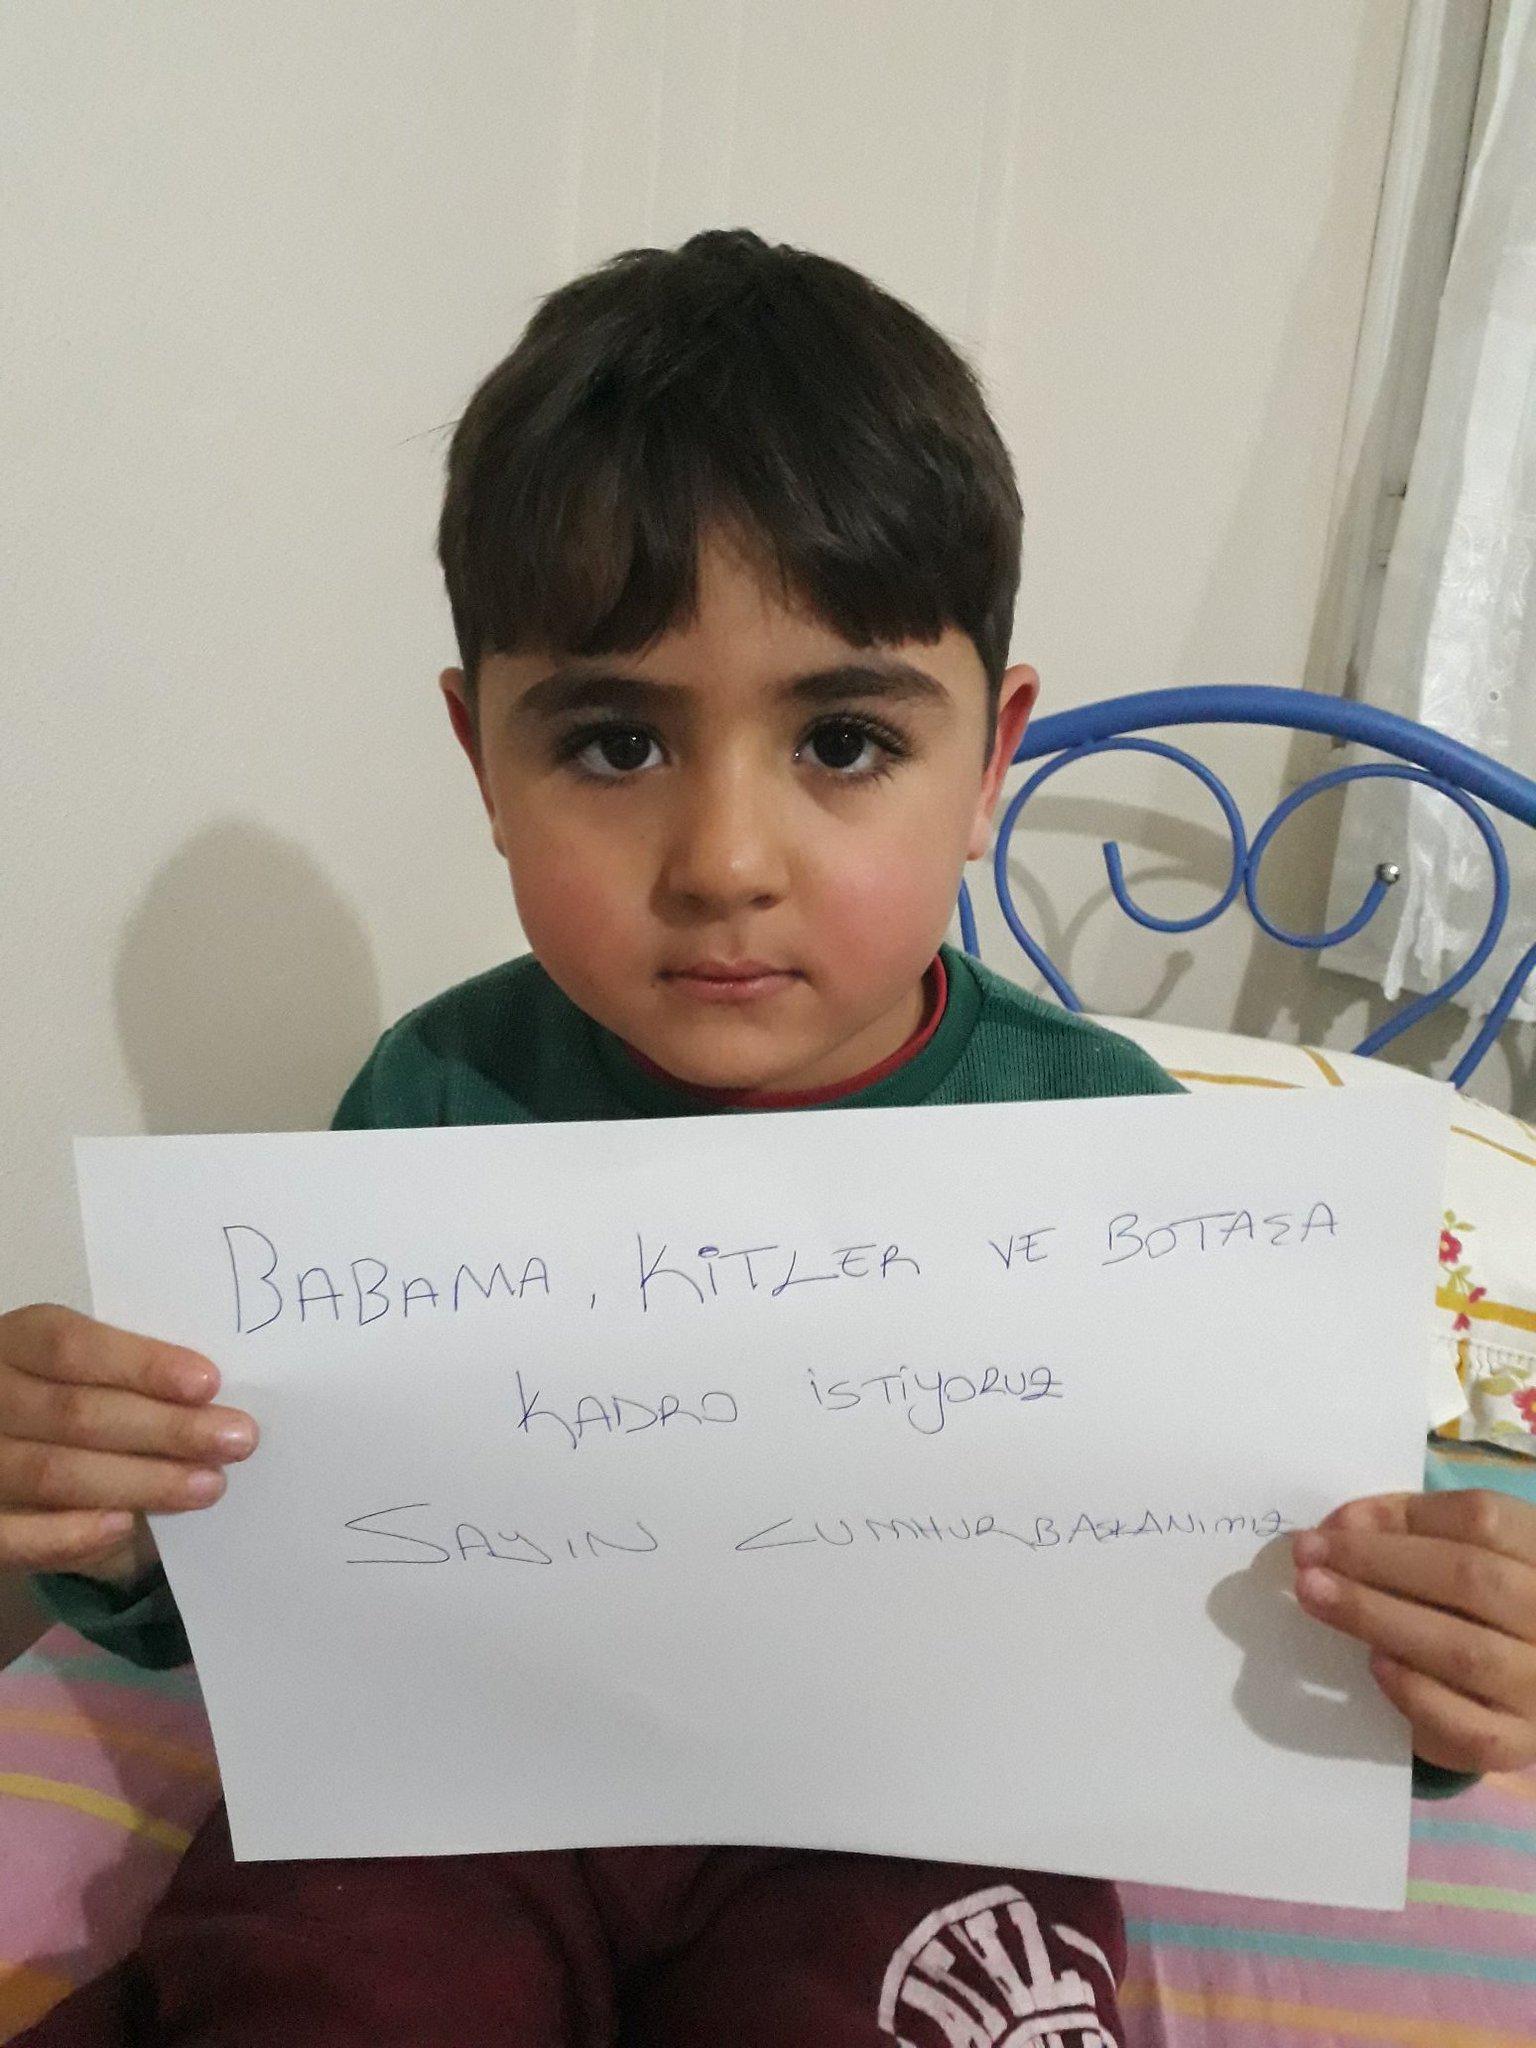 #KitlerinUmuduReis kitler bekliyor reisim @RT_Erdogan @TC_Basbakan @jsarieroglu @memetsimsek @kural17 @tvahaber https://t.co/5wU2DAM0dK